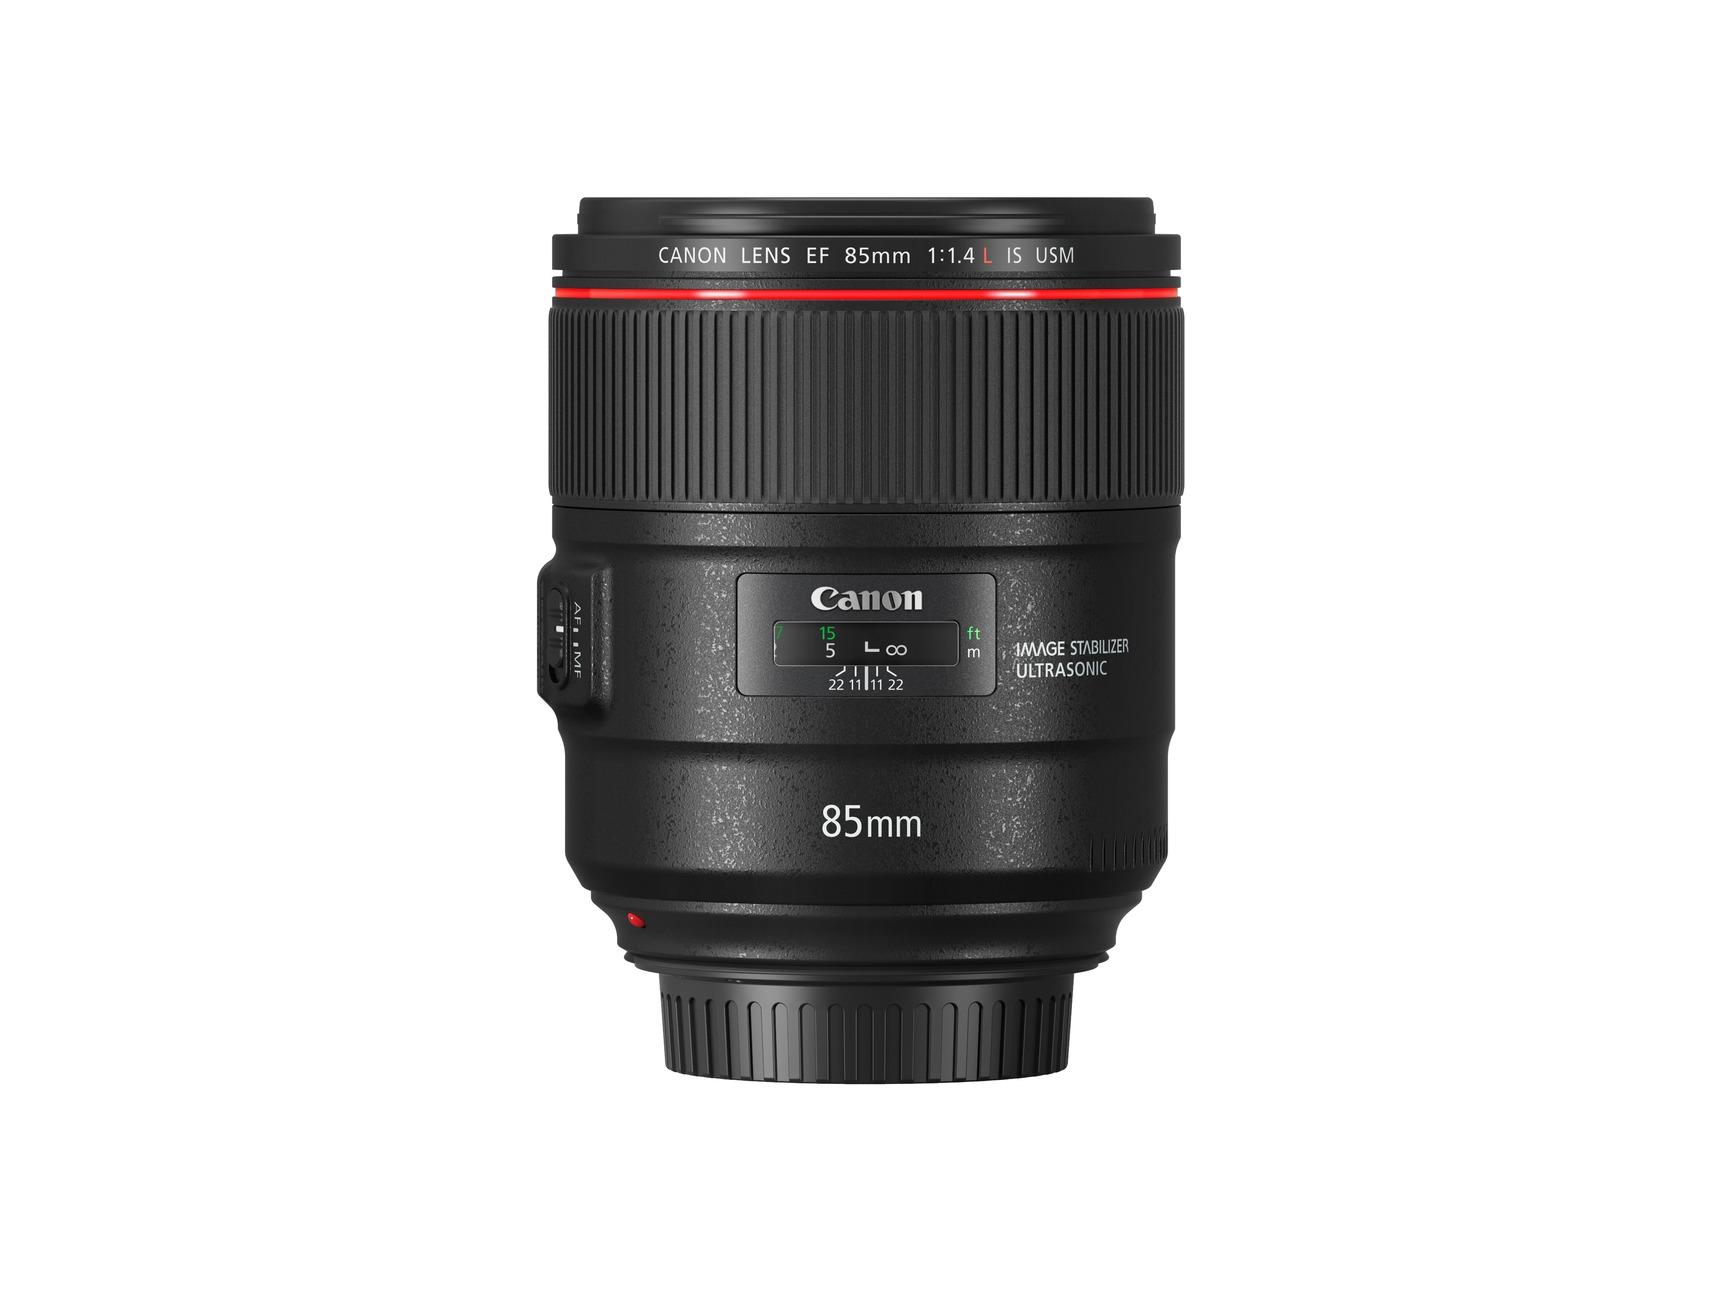 nouveau canon 85 mm f 1 4 le portrait stabilis lense. Black Bedroom Furniture Sets. Home Design Ideas